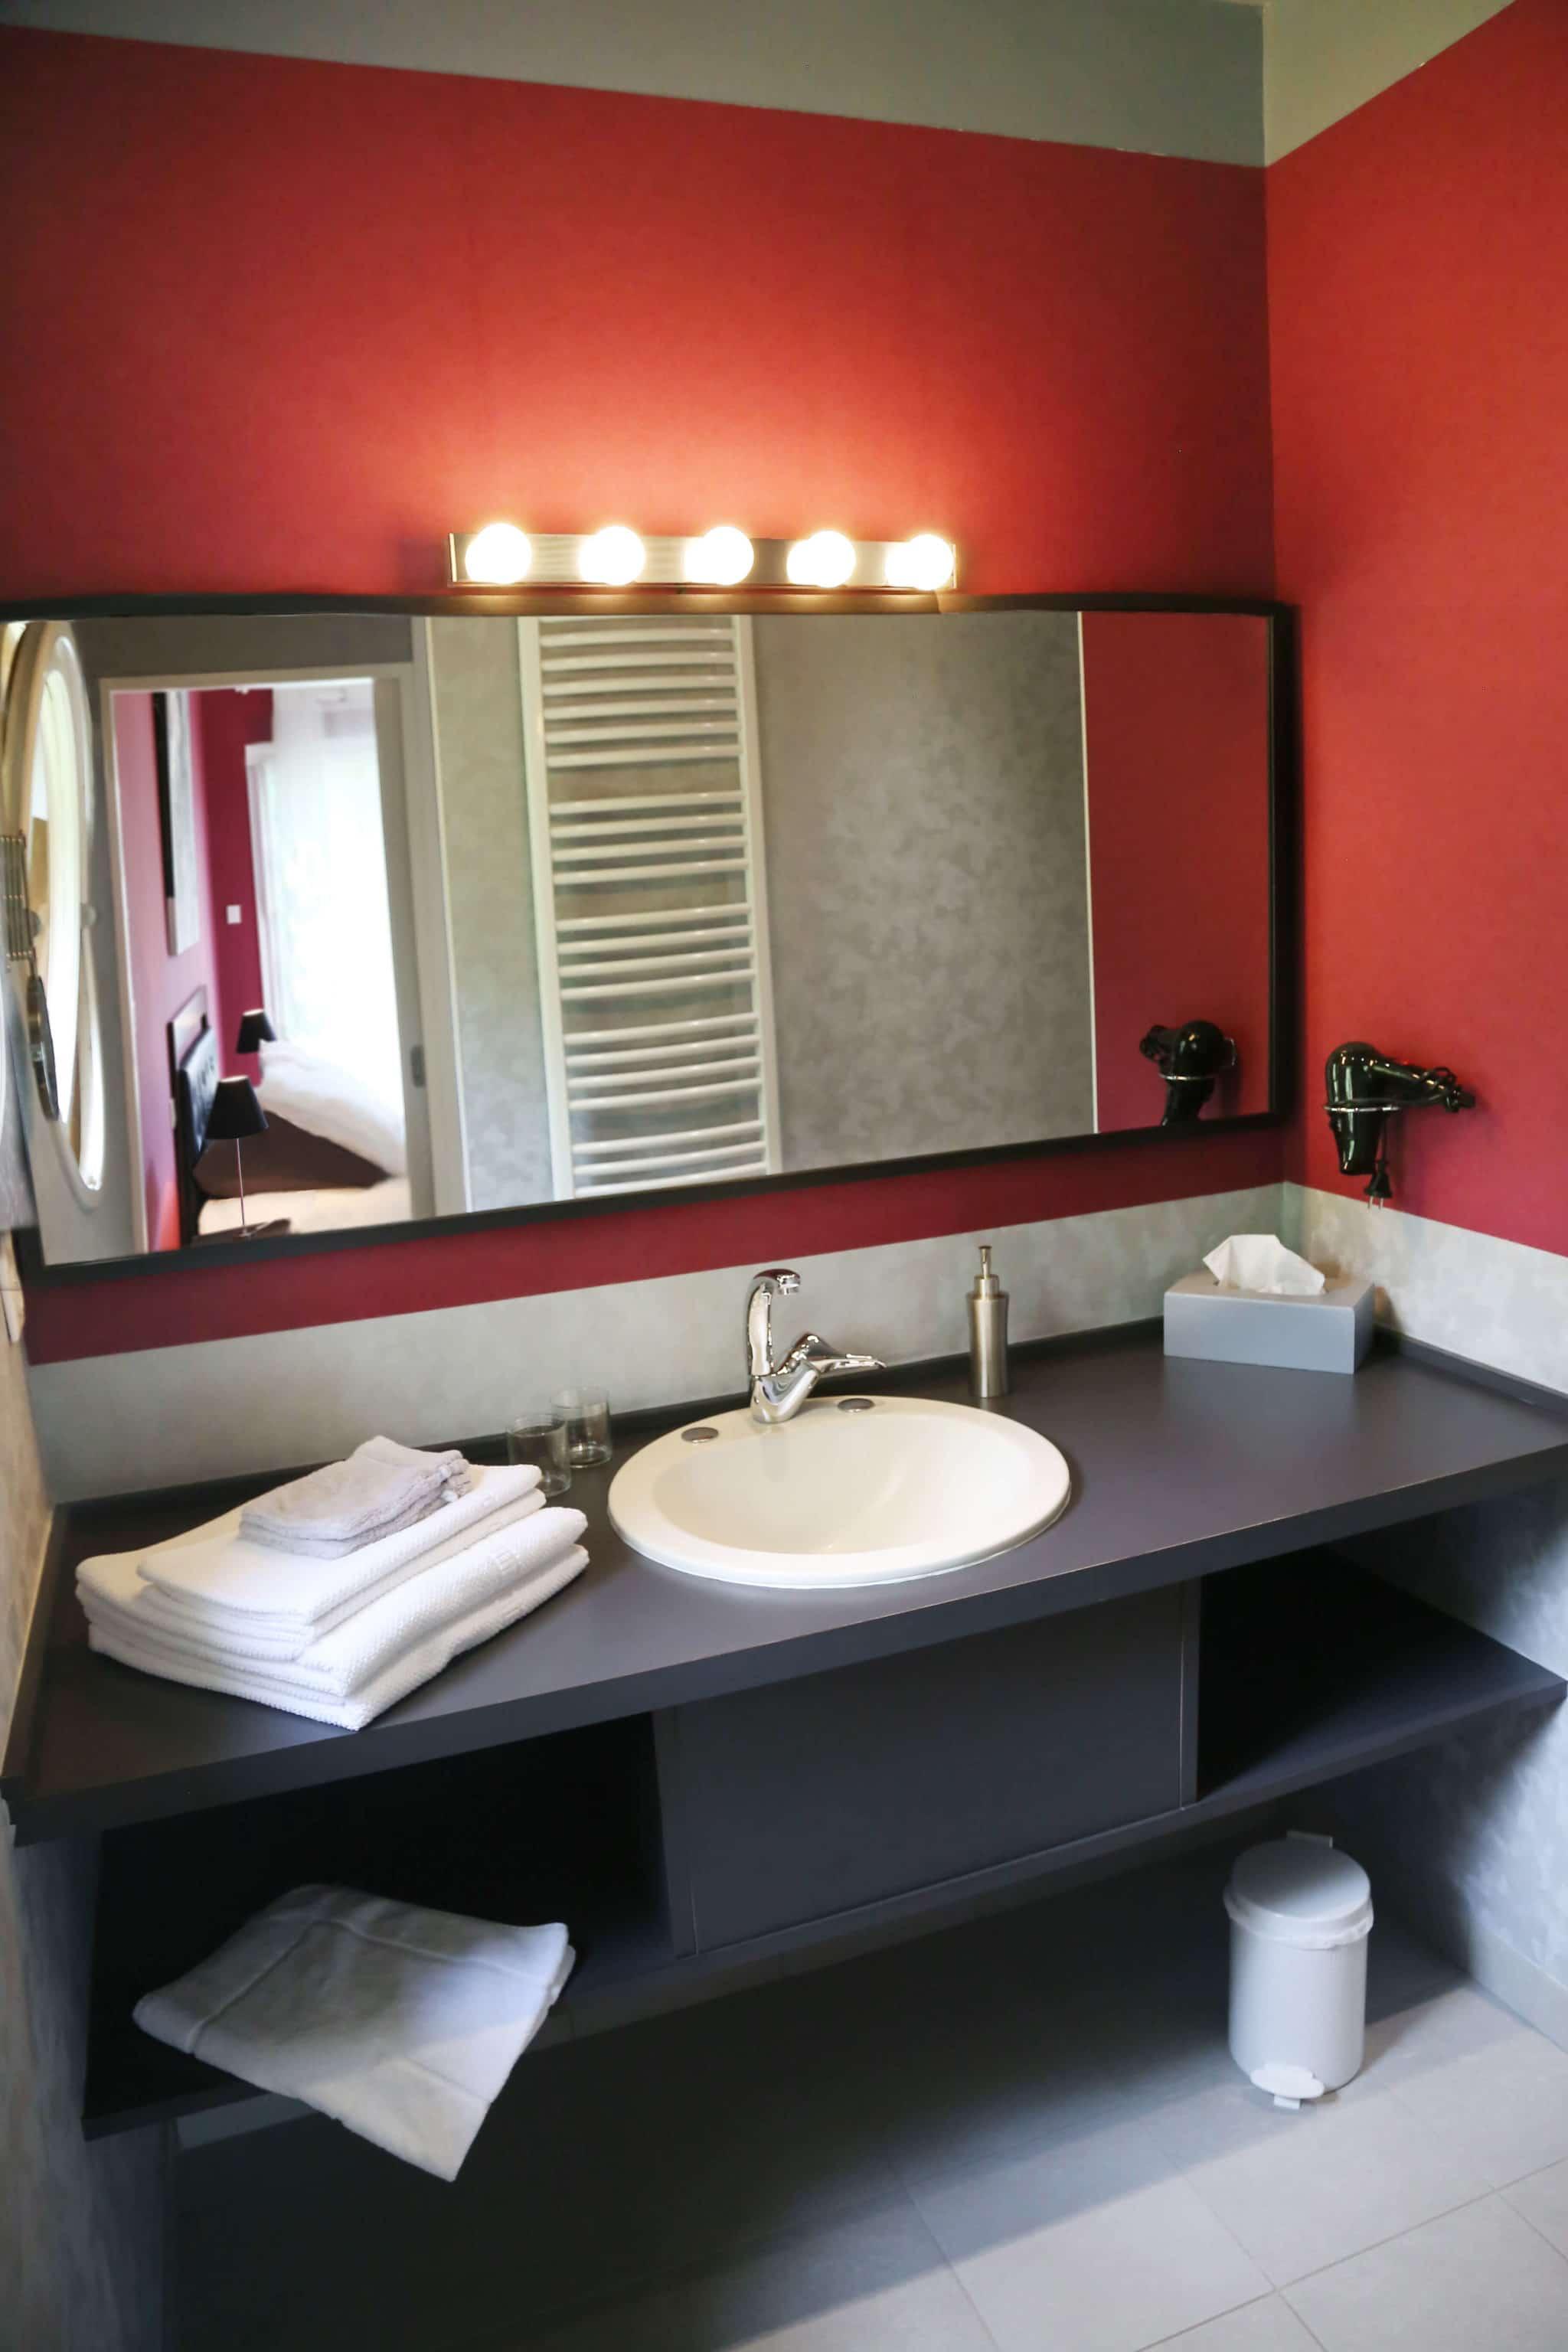 salle de bains chambre d'hotes en Vendée